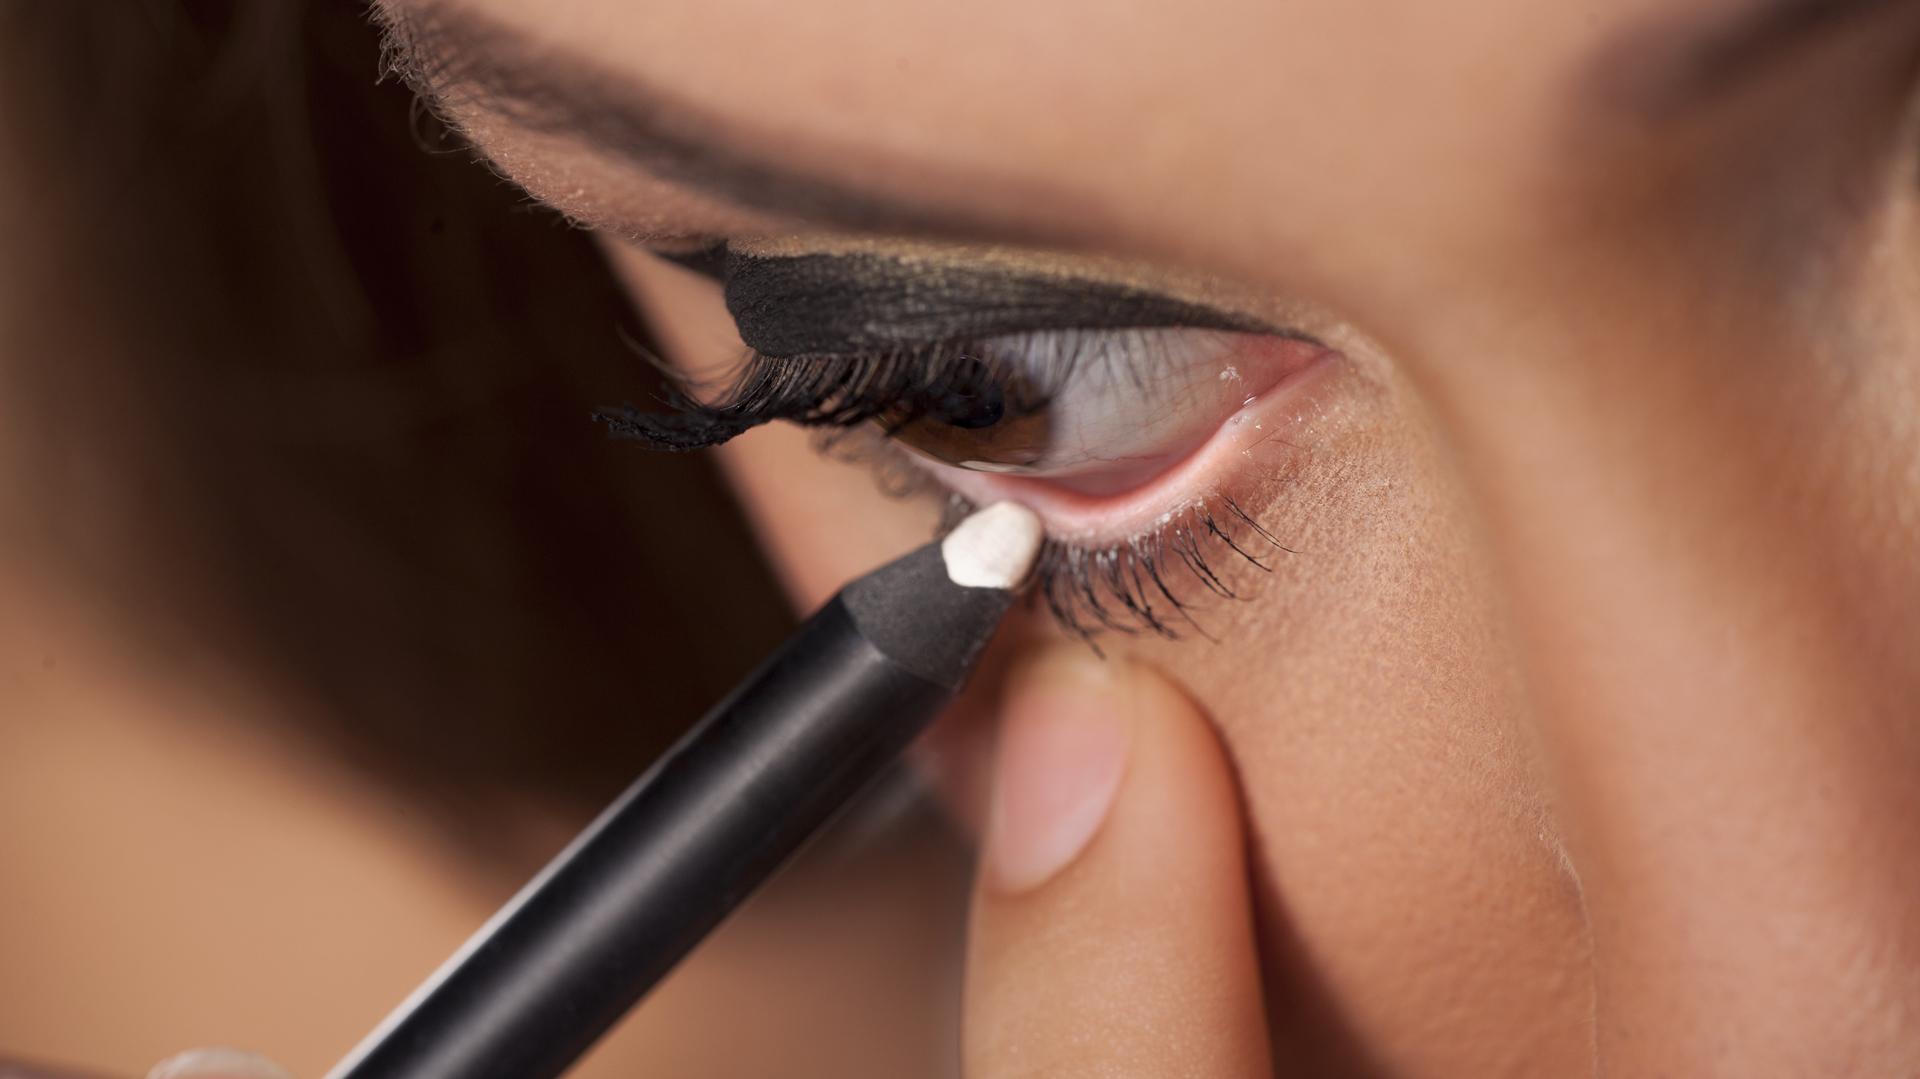 Siguiendo cientos tips se mantendrá un equilibrio entre la belleza y la salud ocular (iStock)